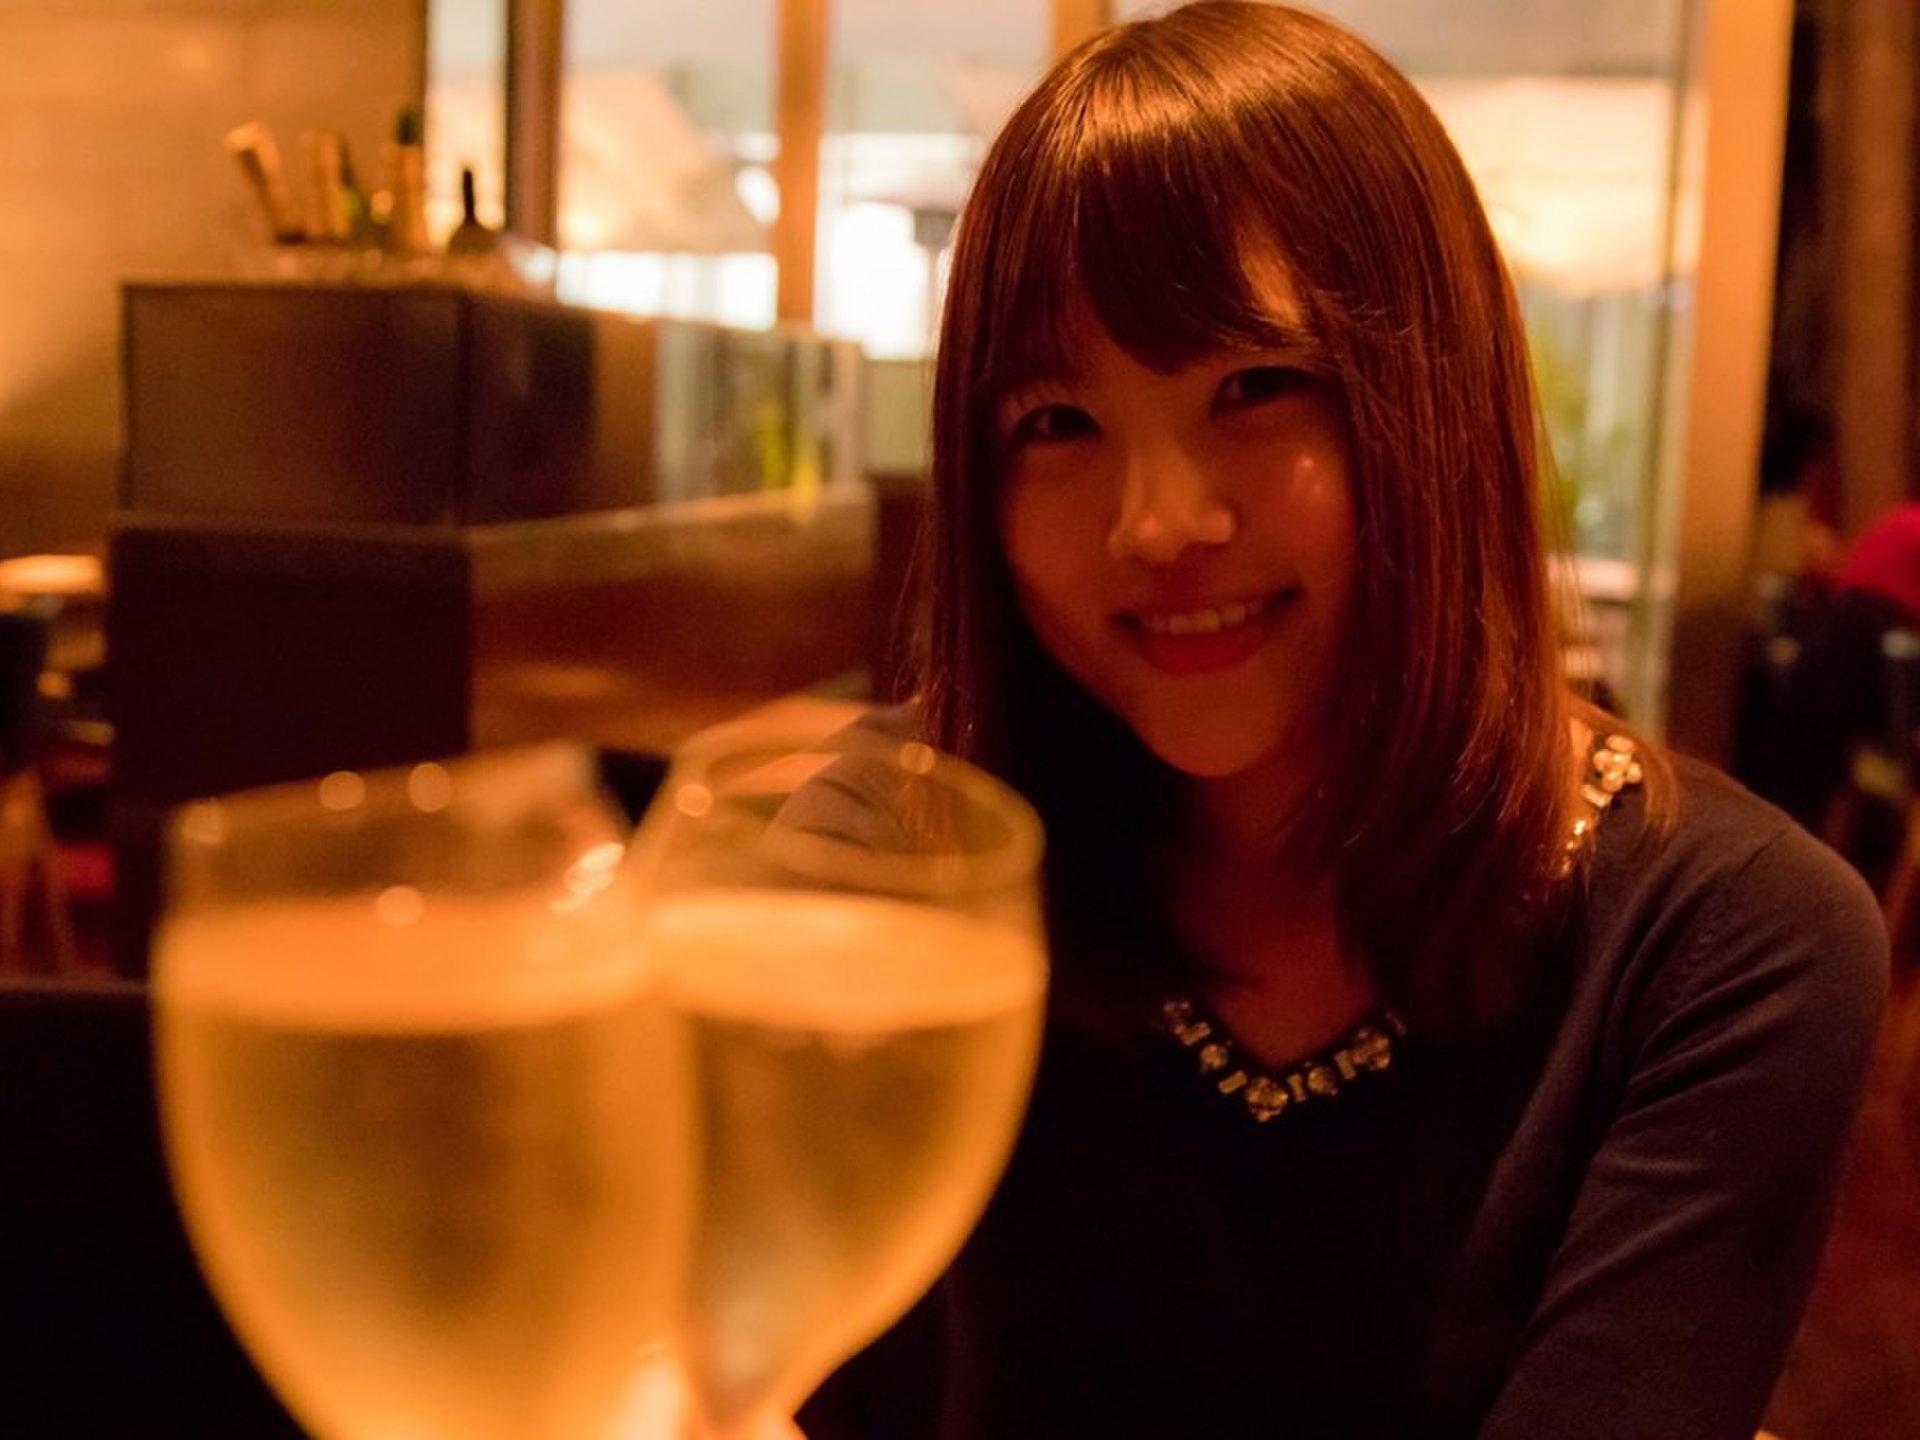 渋谷・学生にもおすすめのディナー15選!おしゃれで美味しいお店を厳選